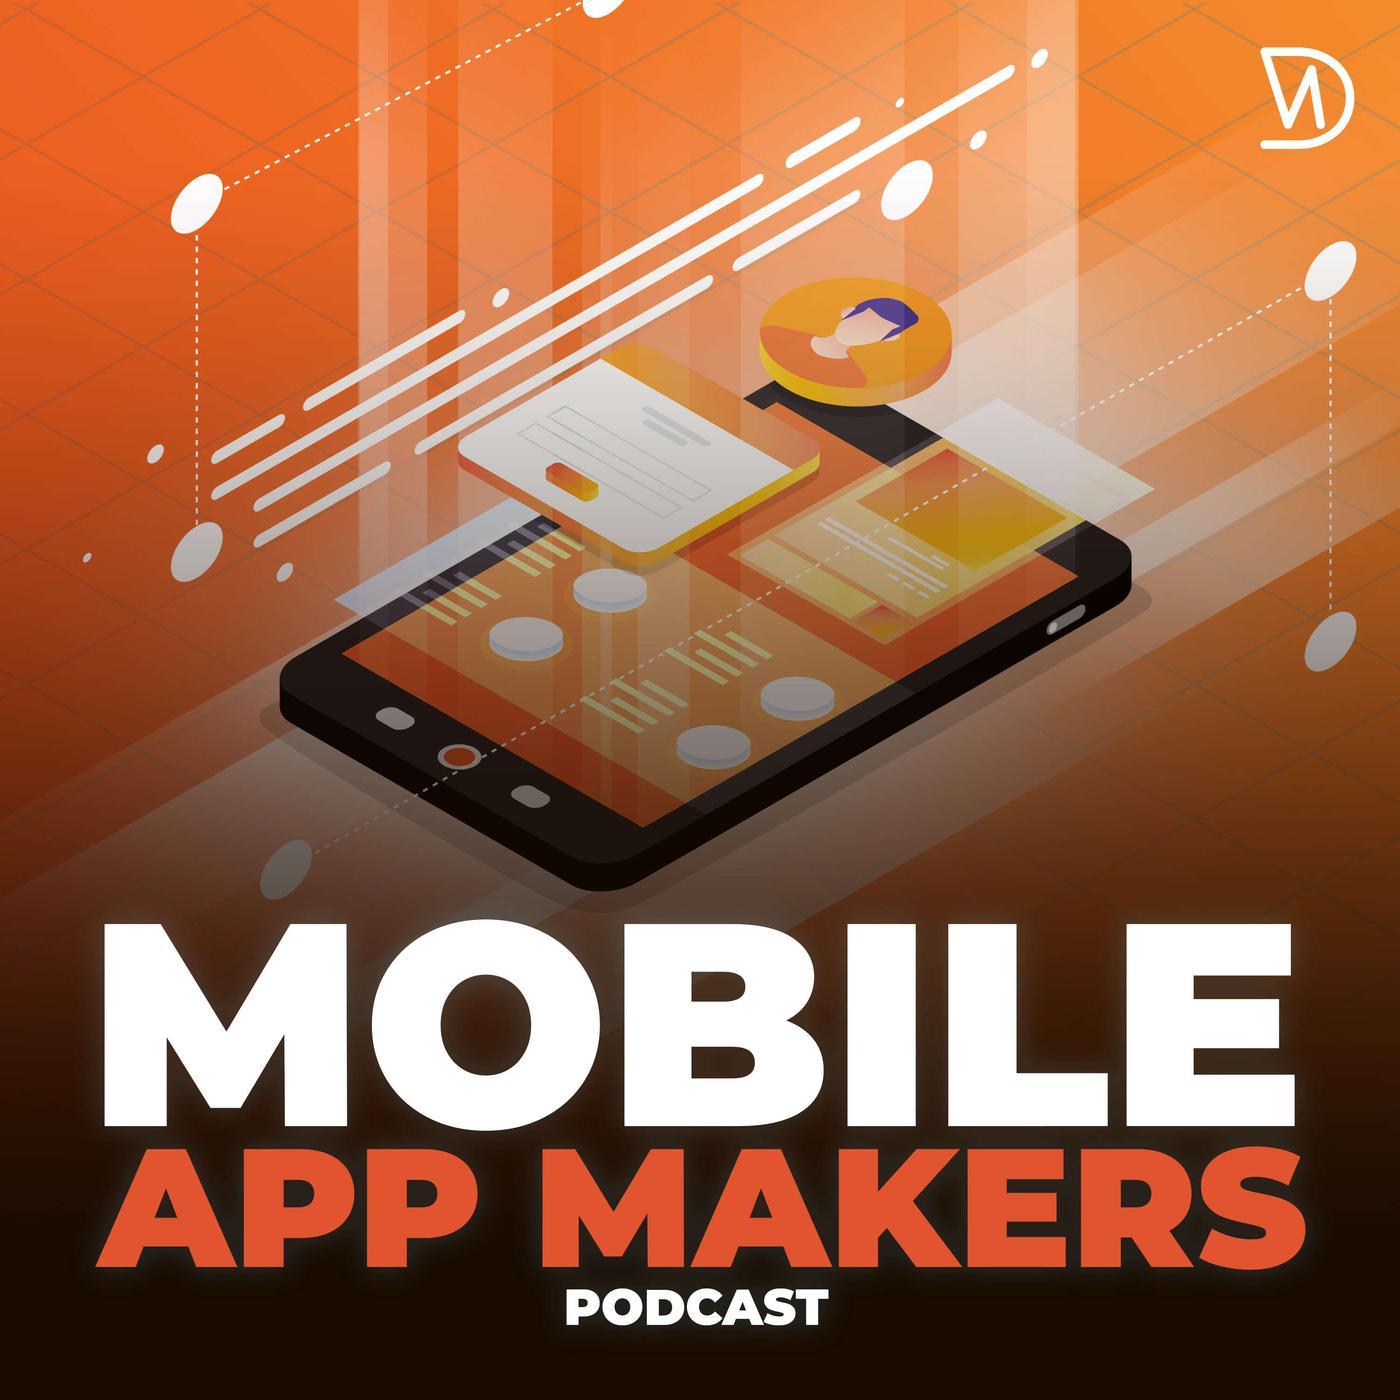 Mobile App Makers (podcast) - Olivier Destrebecq   Listen ...